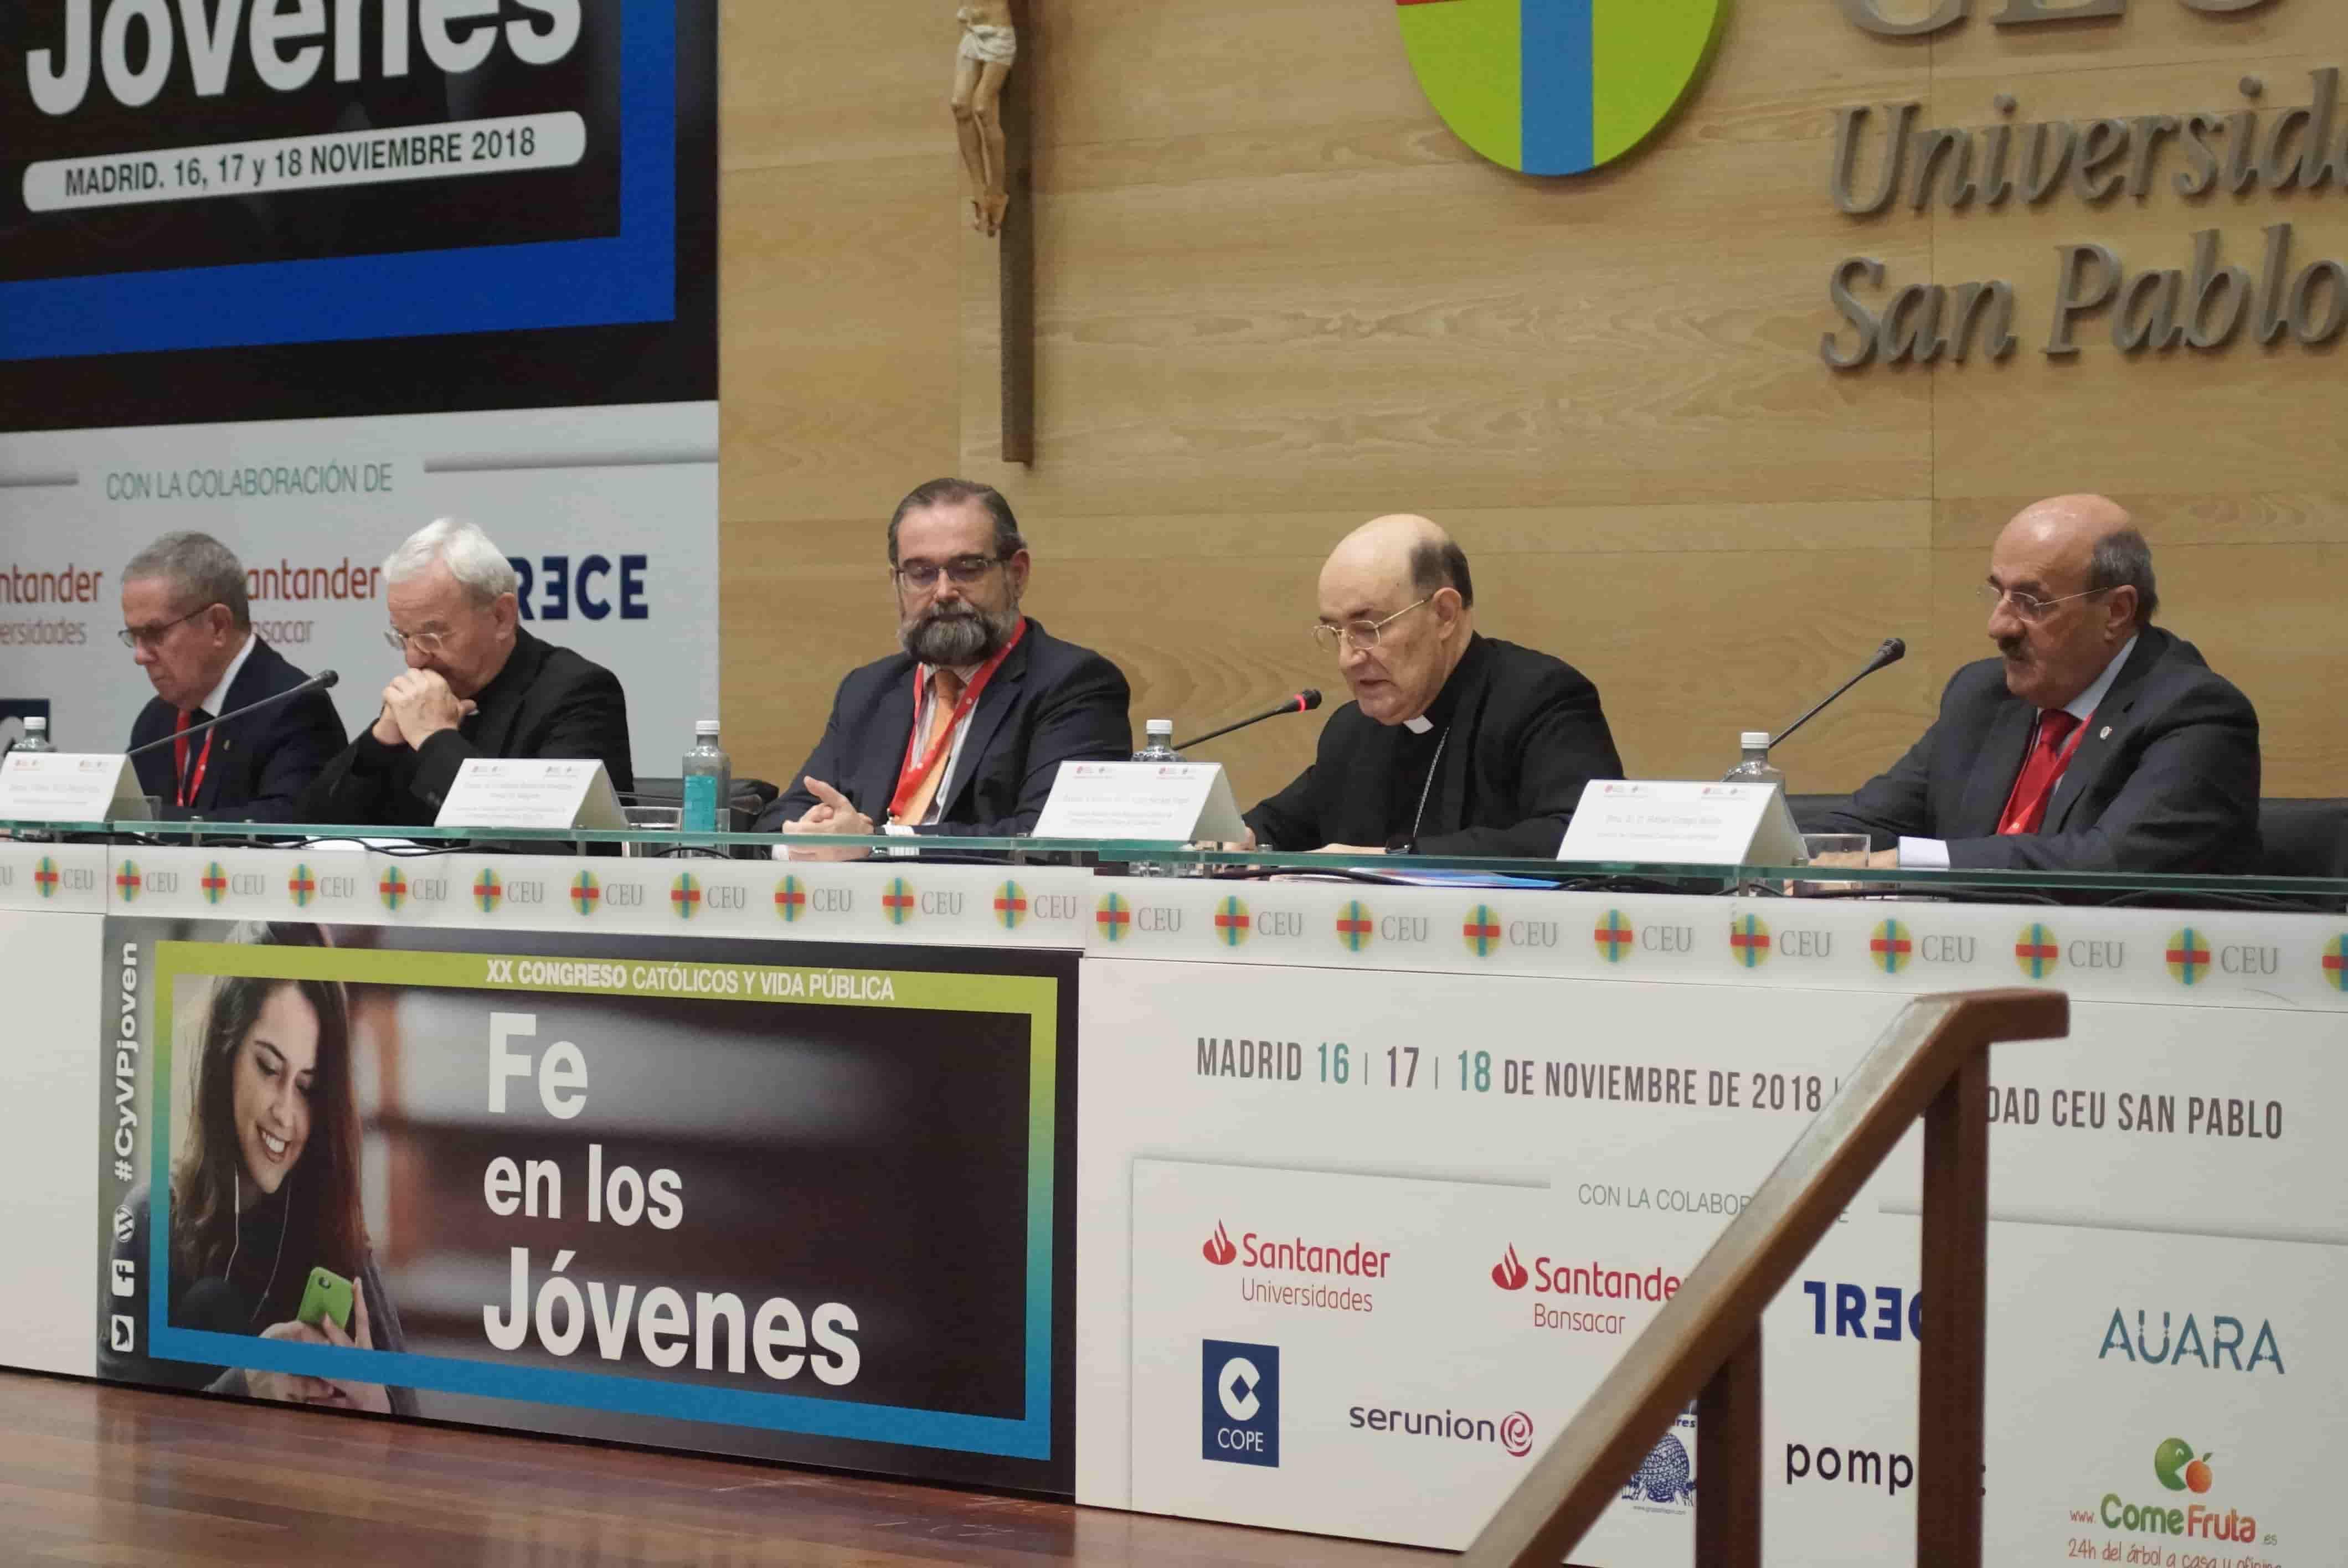 El arzobispo, durante su intervención. Foto: acdp.es.